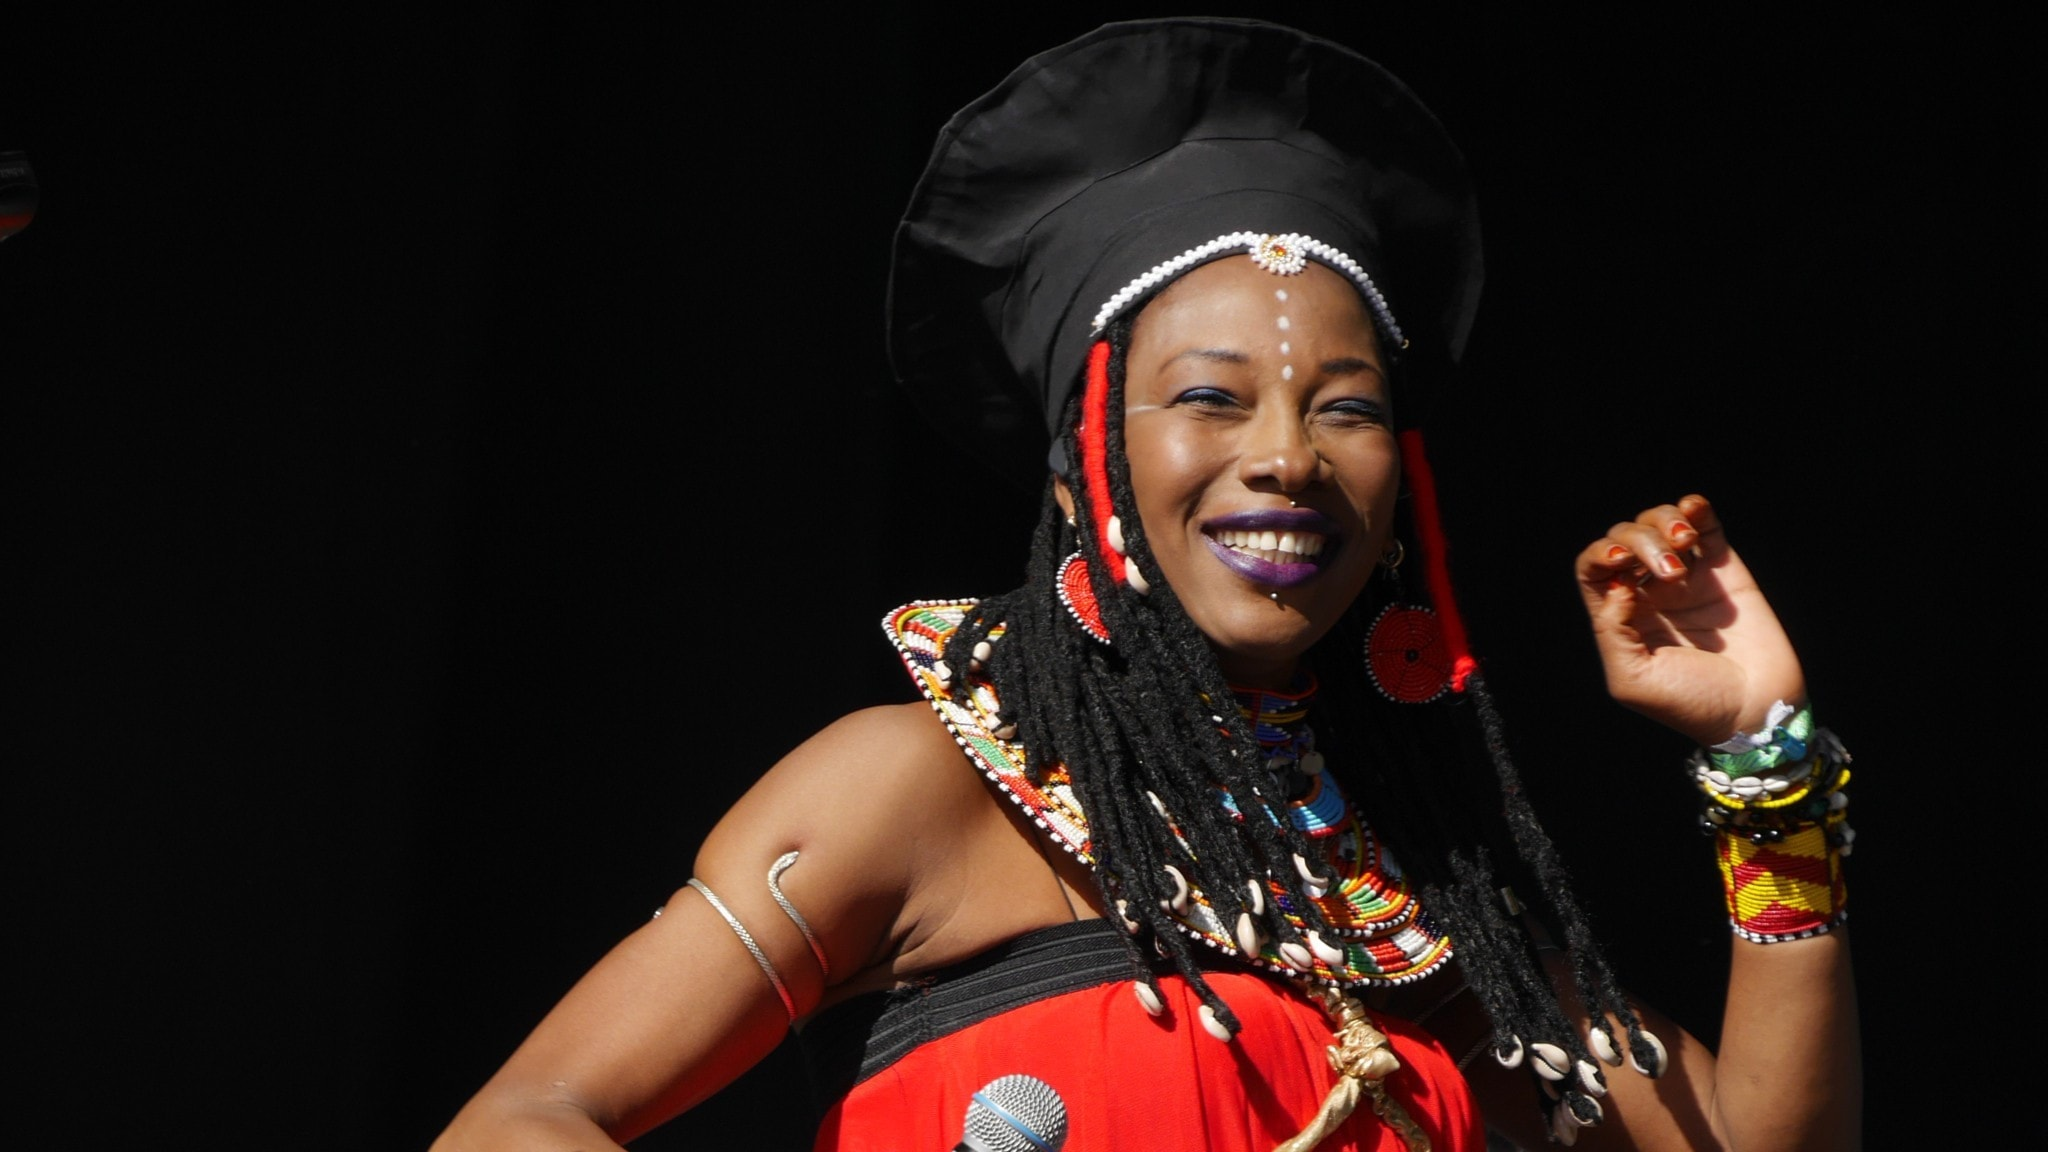 MIXTEJP: Afrikansk disco